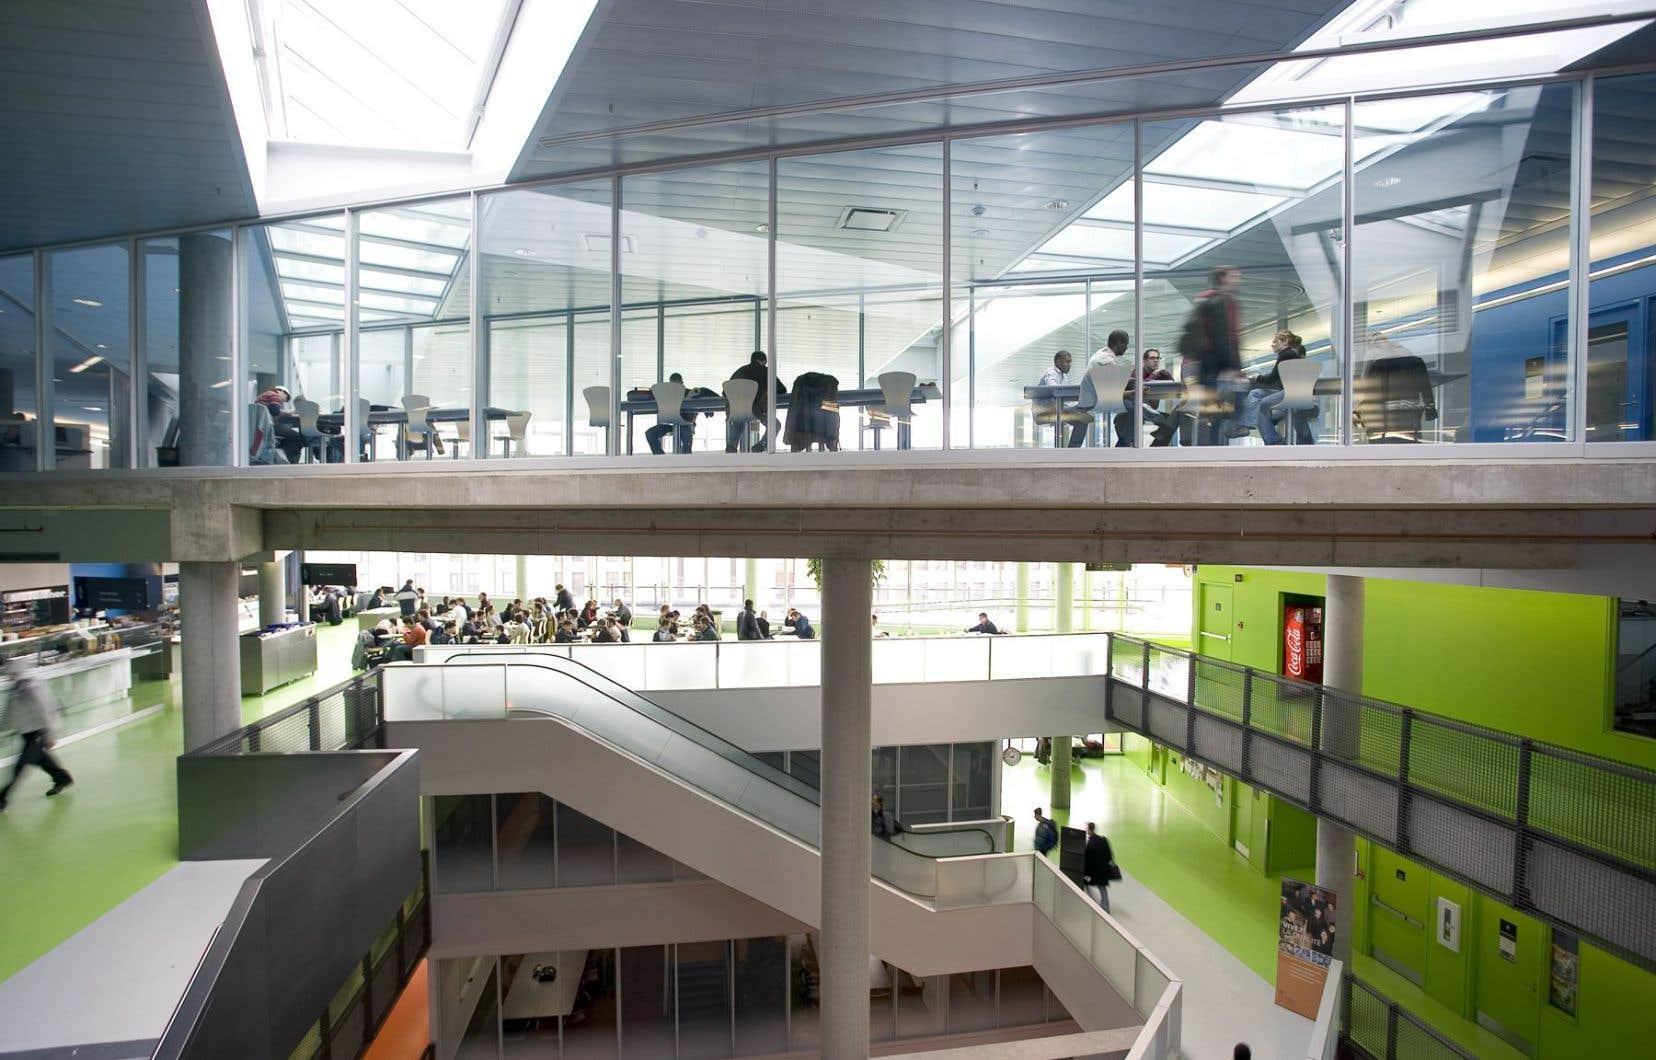 À l'automne 2014, Polytechnique accueillait 2040 étudiants étrangers (visas étudiant, visas diplomatiques et visiteurs) sur un total de 8082 étudiants.